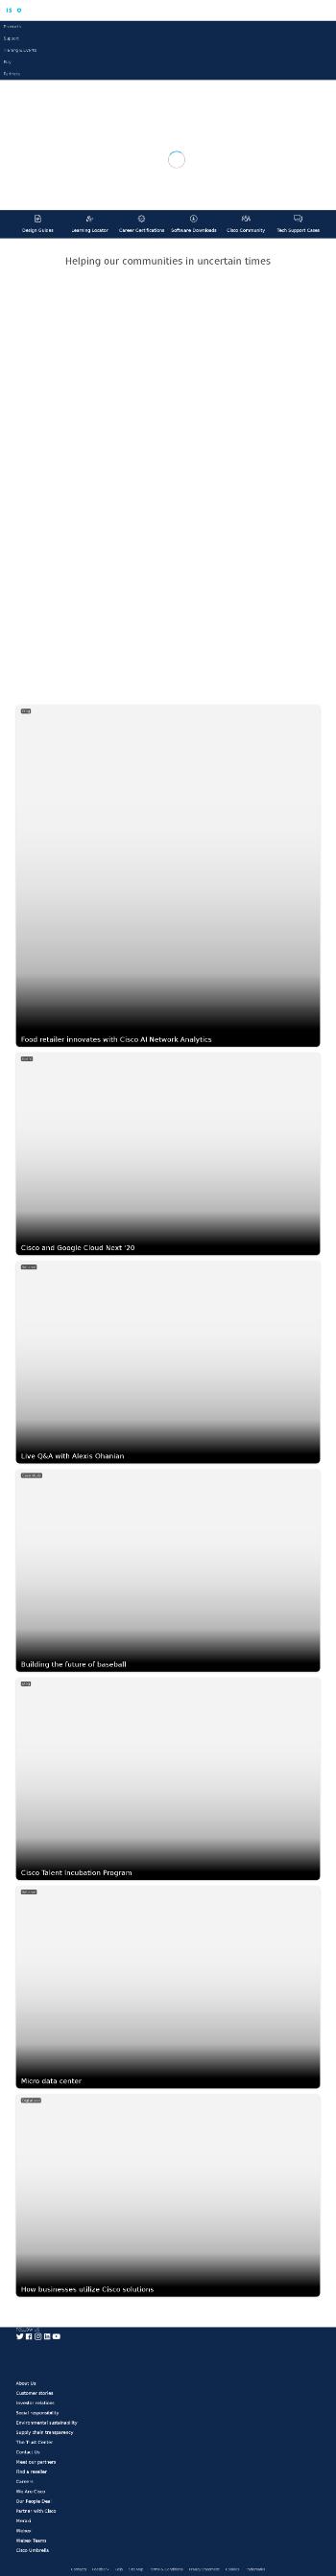 Cisco Systems, Inc. Website Screenshot